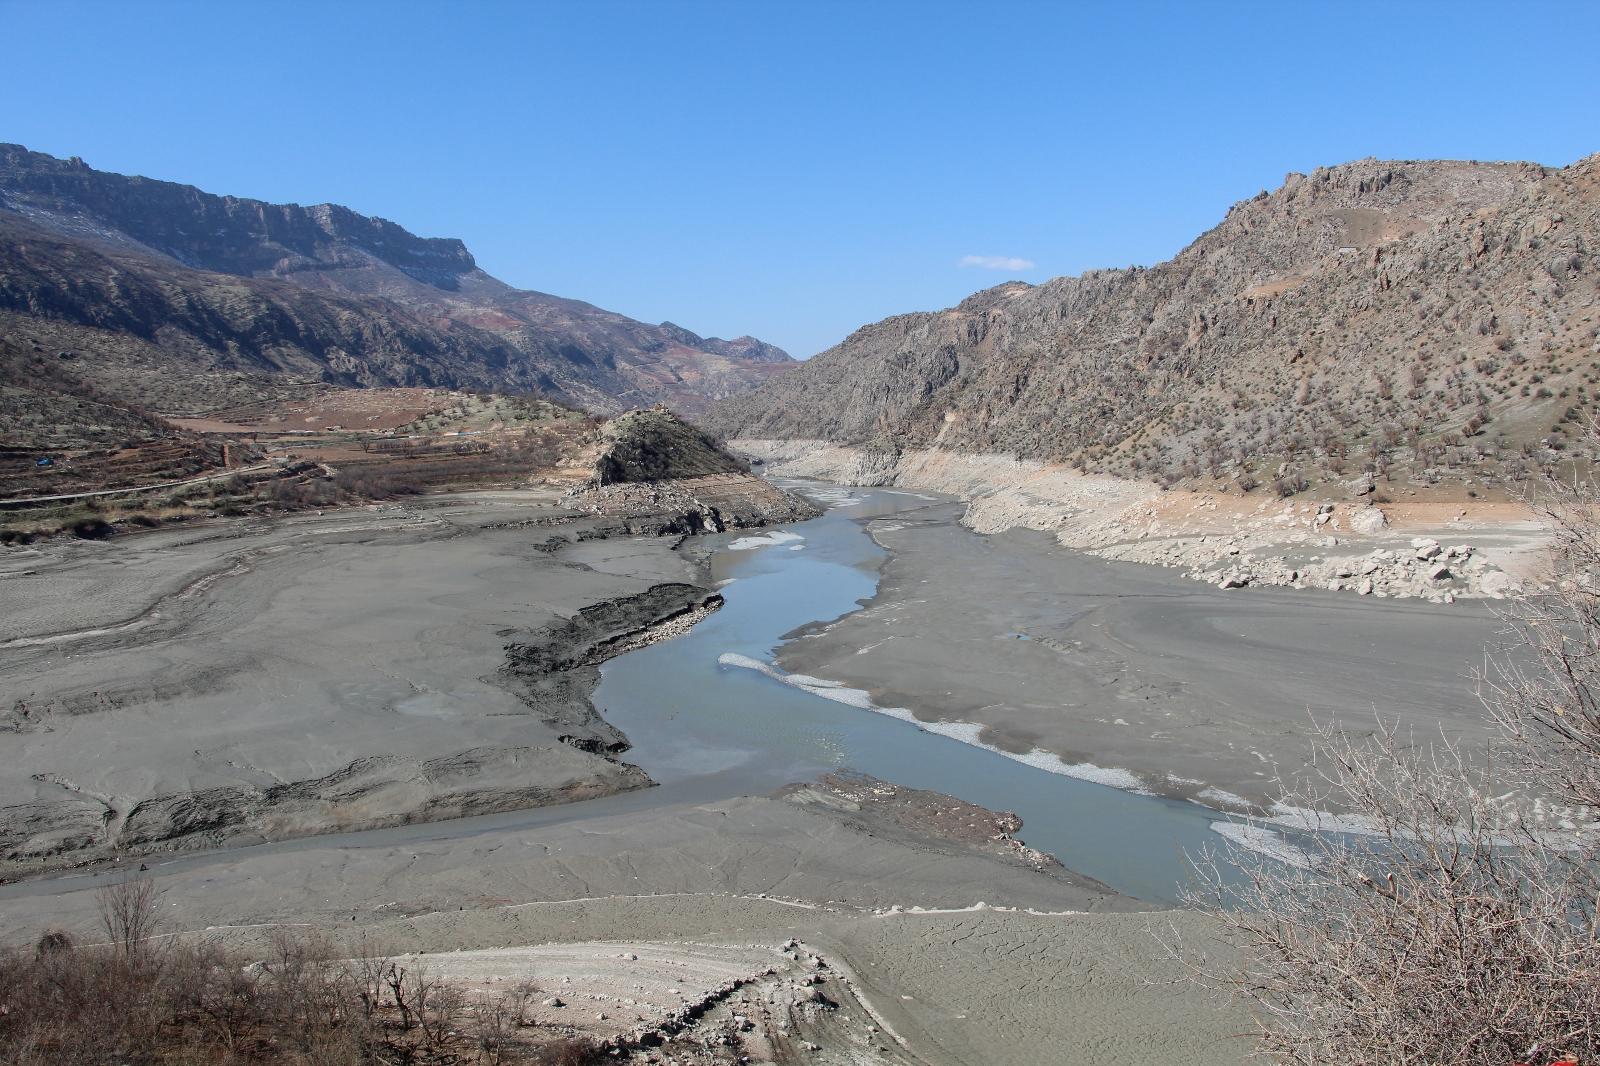 Siirt'te barajlardaki su seviyesi düştü, tahıl ürünlerinde rekolte kaybı yaşandı